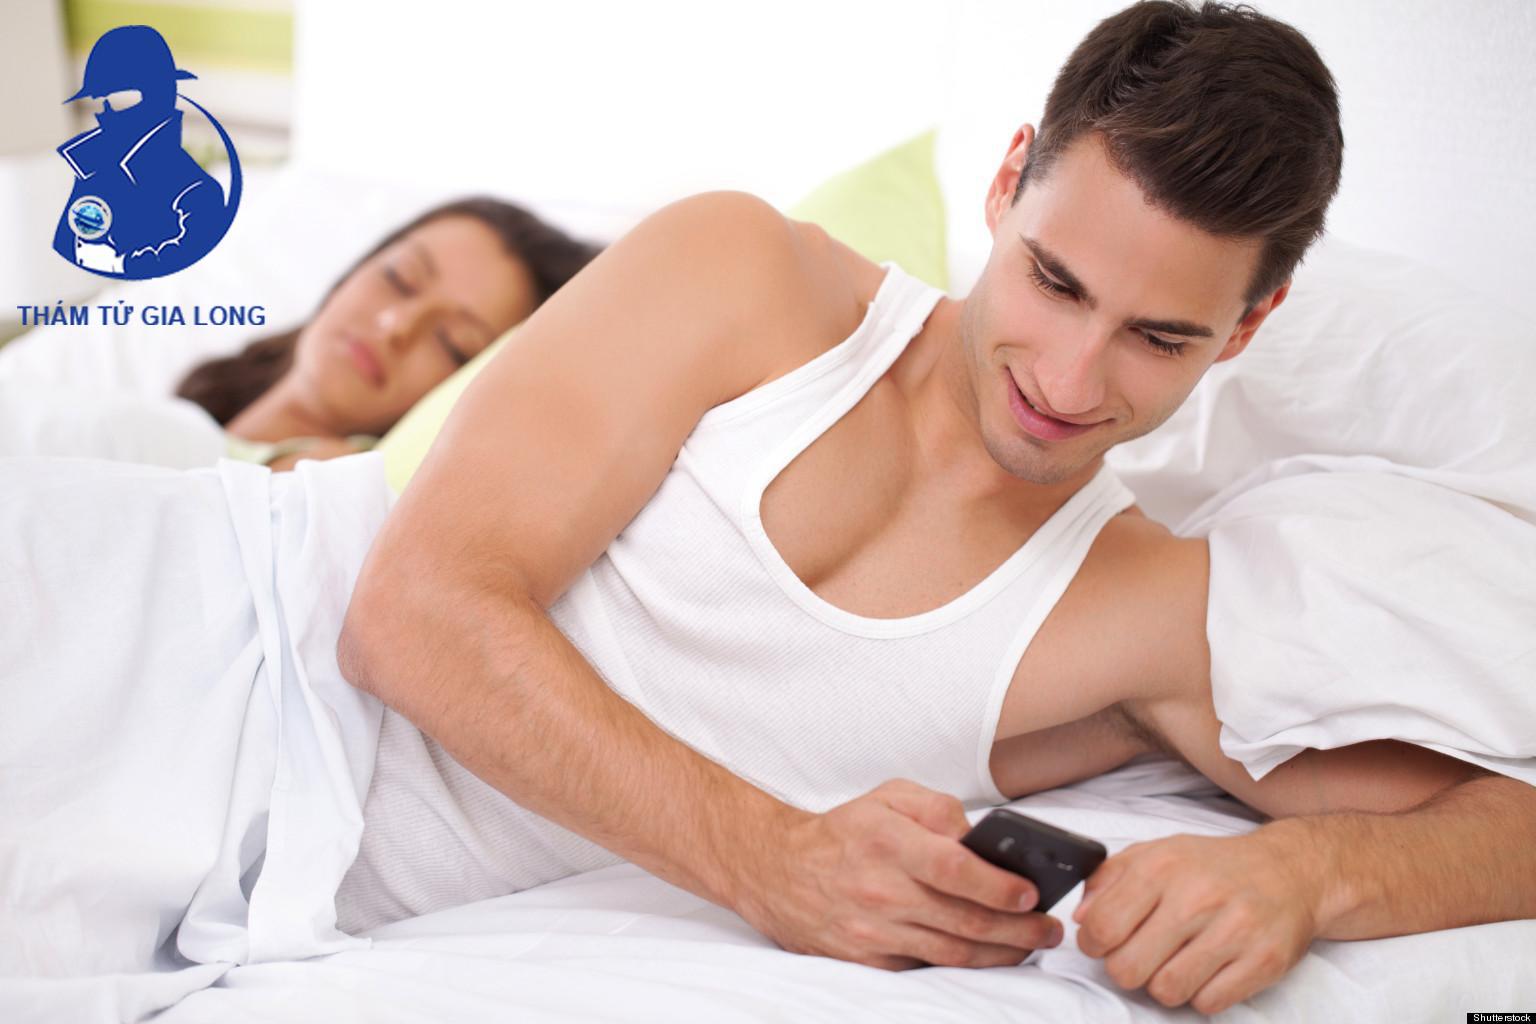 Khi chồng ngoại tình, vợ đừng dại mà đánh ghen